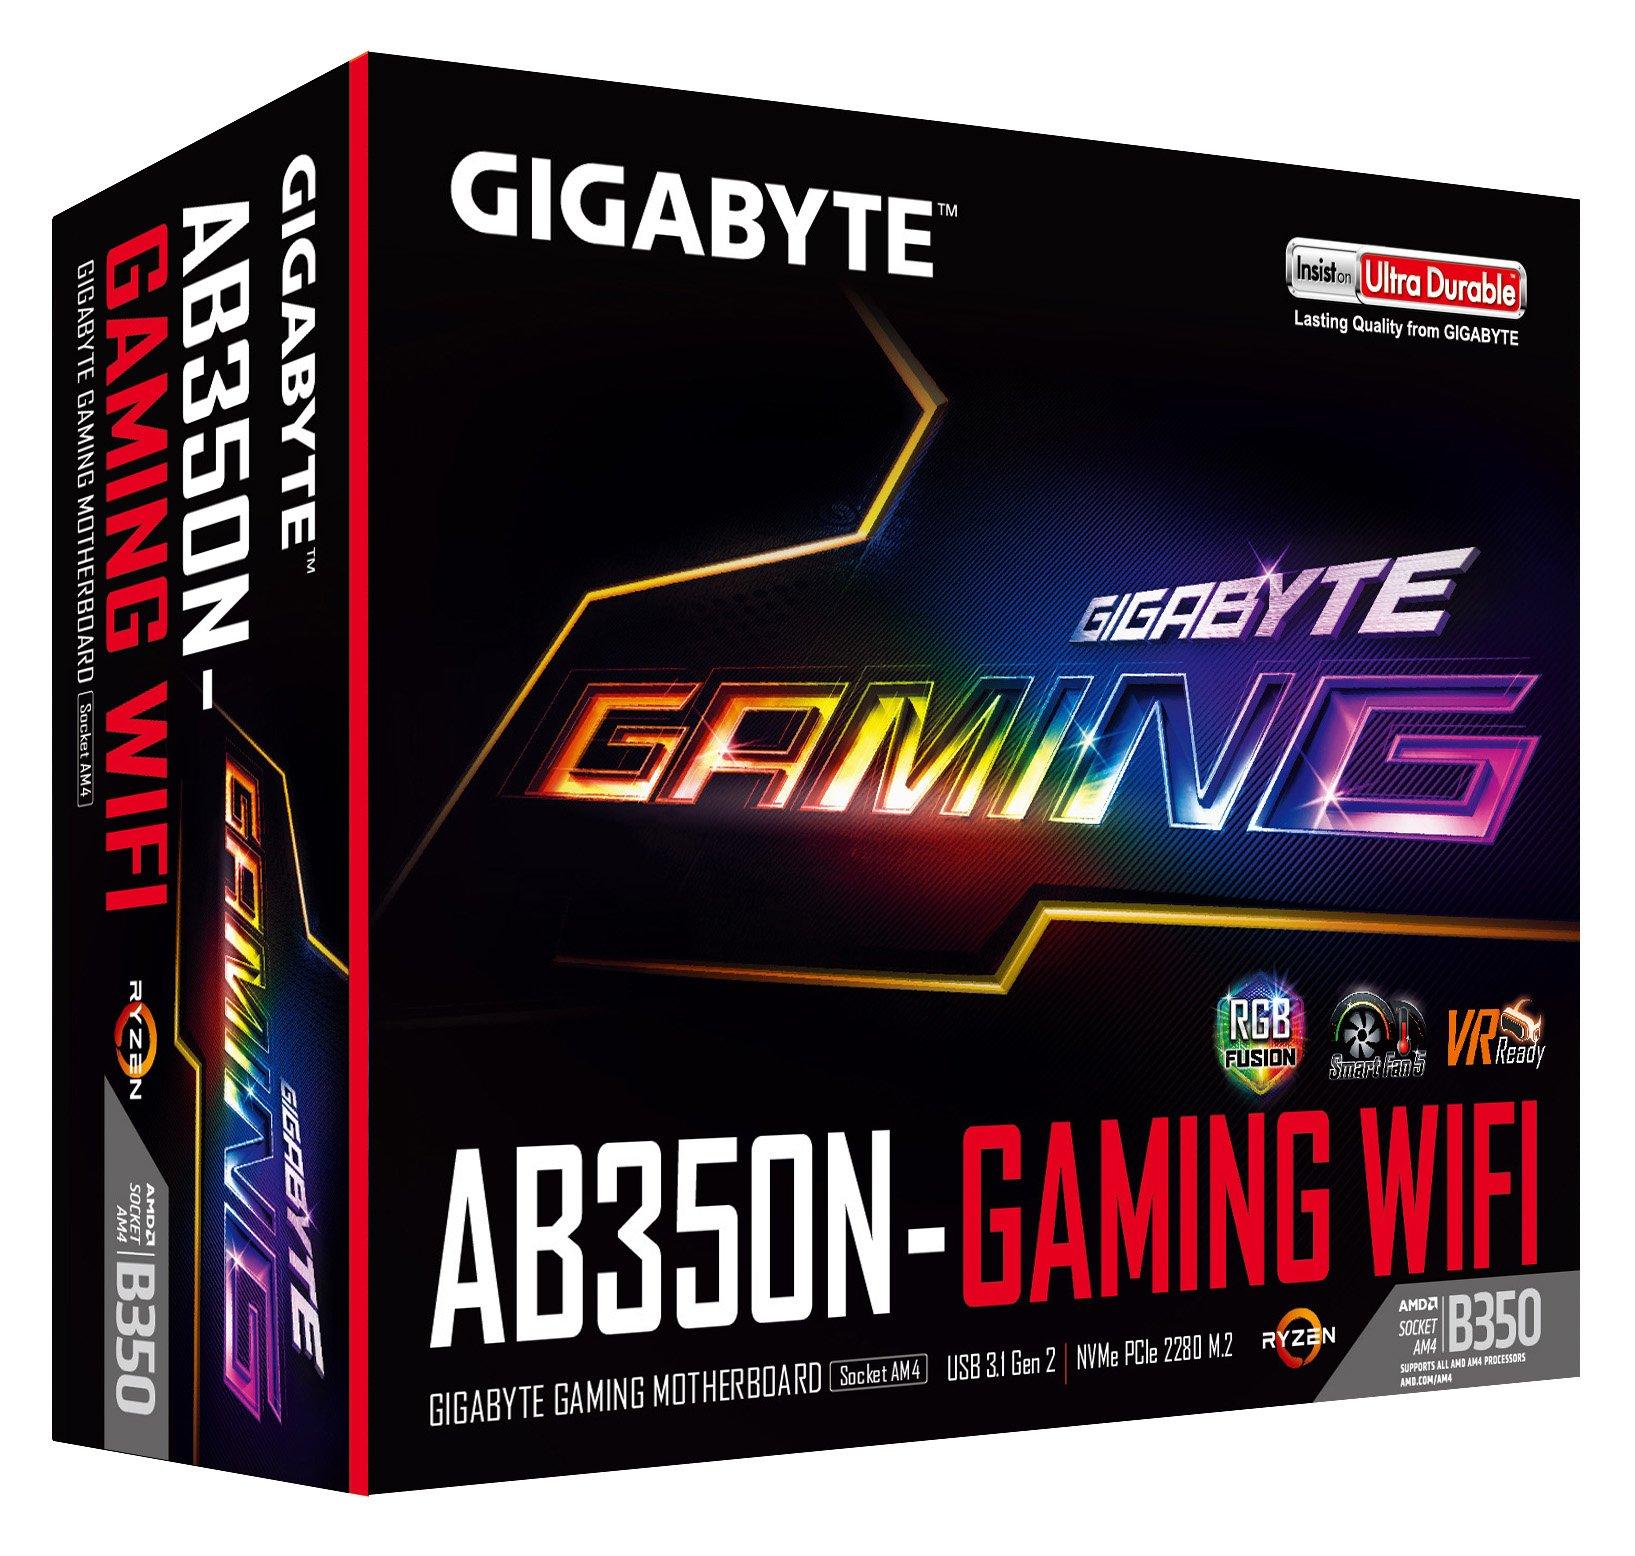 GIGABYTE GA-AB350N-Gaming WIFI (AMD/Ryzen AM4/B350/RGB Fusion/HDMI/DP/M.2/SATA/USB 3.1 Type-A/Wifi/Mini ITX/DDR4 Motherboard) by Gigabyte (Image #4)